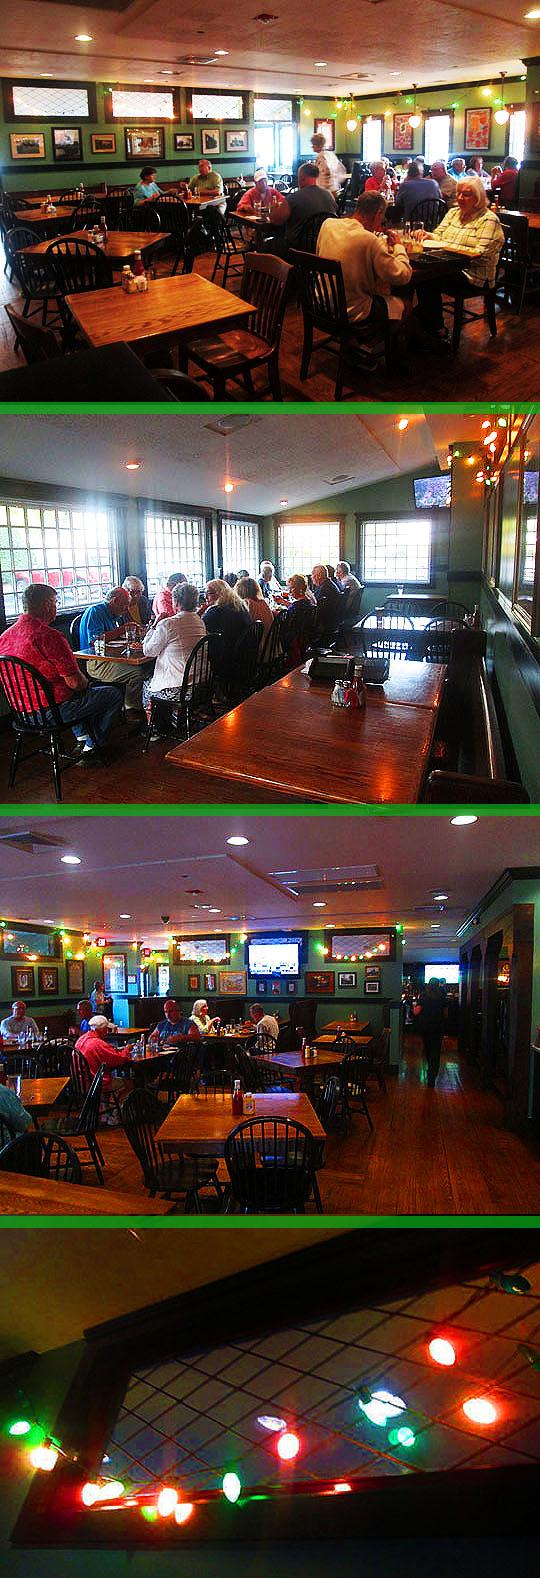 8. diningroomlights_sept4-18.jpg